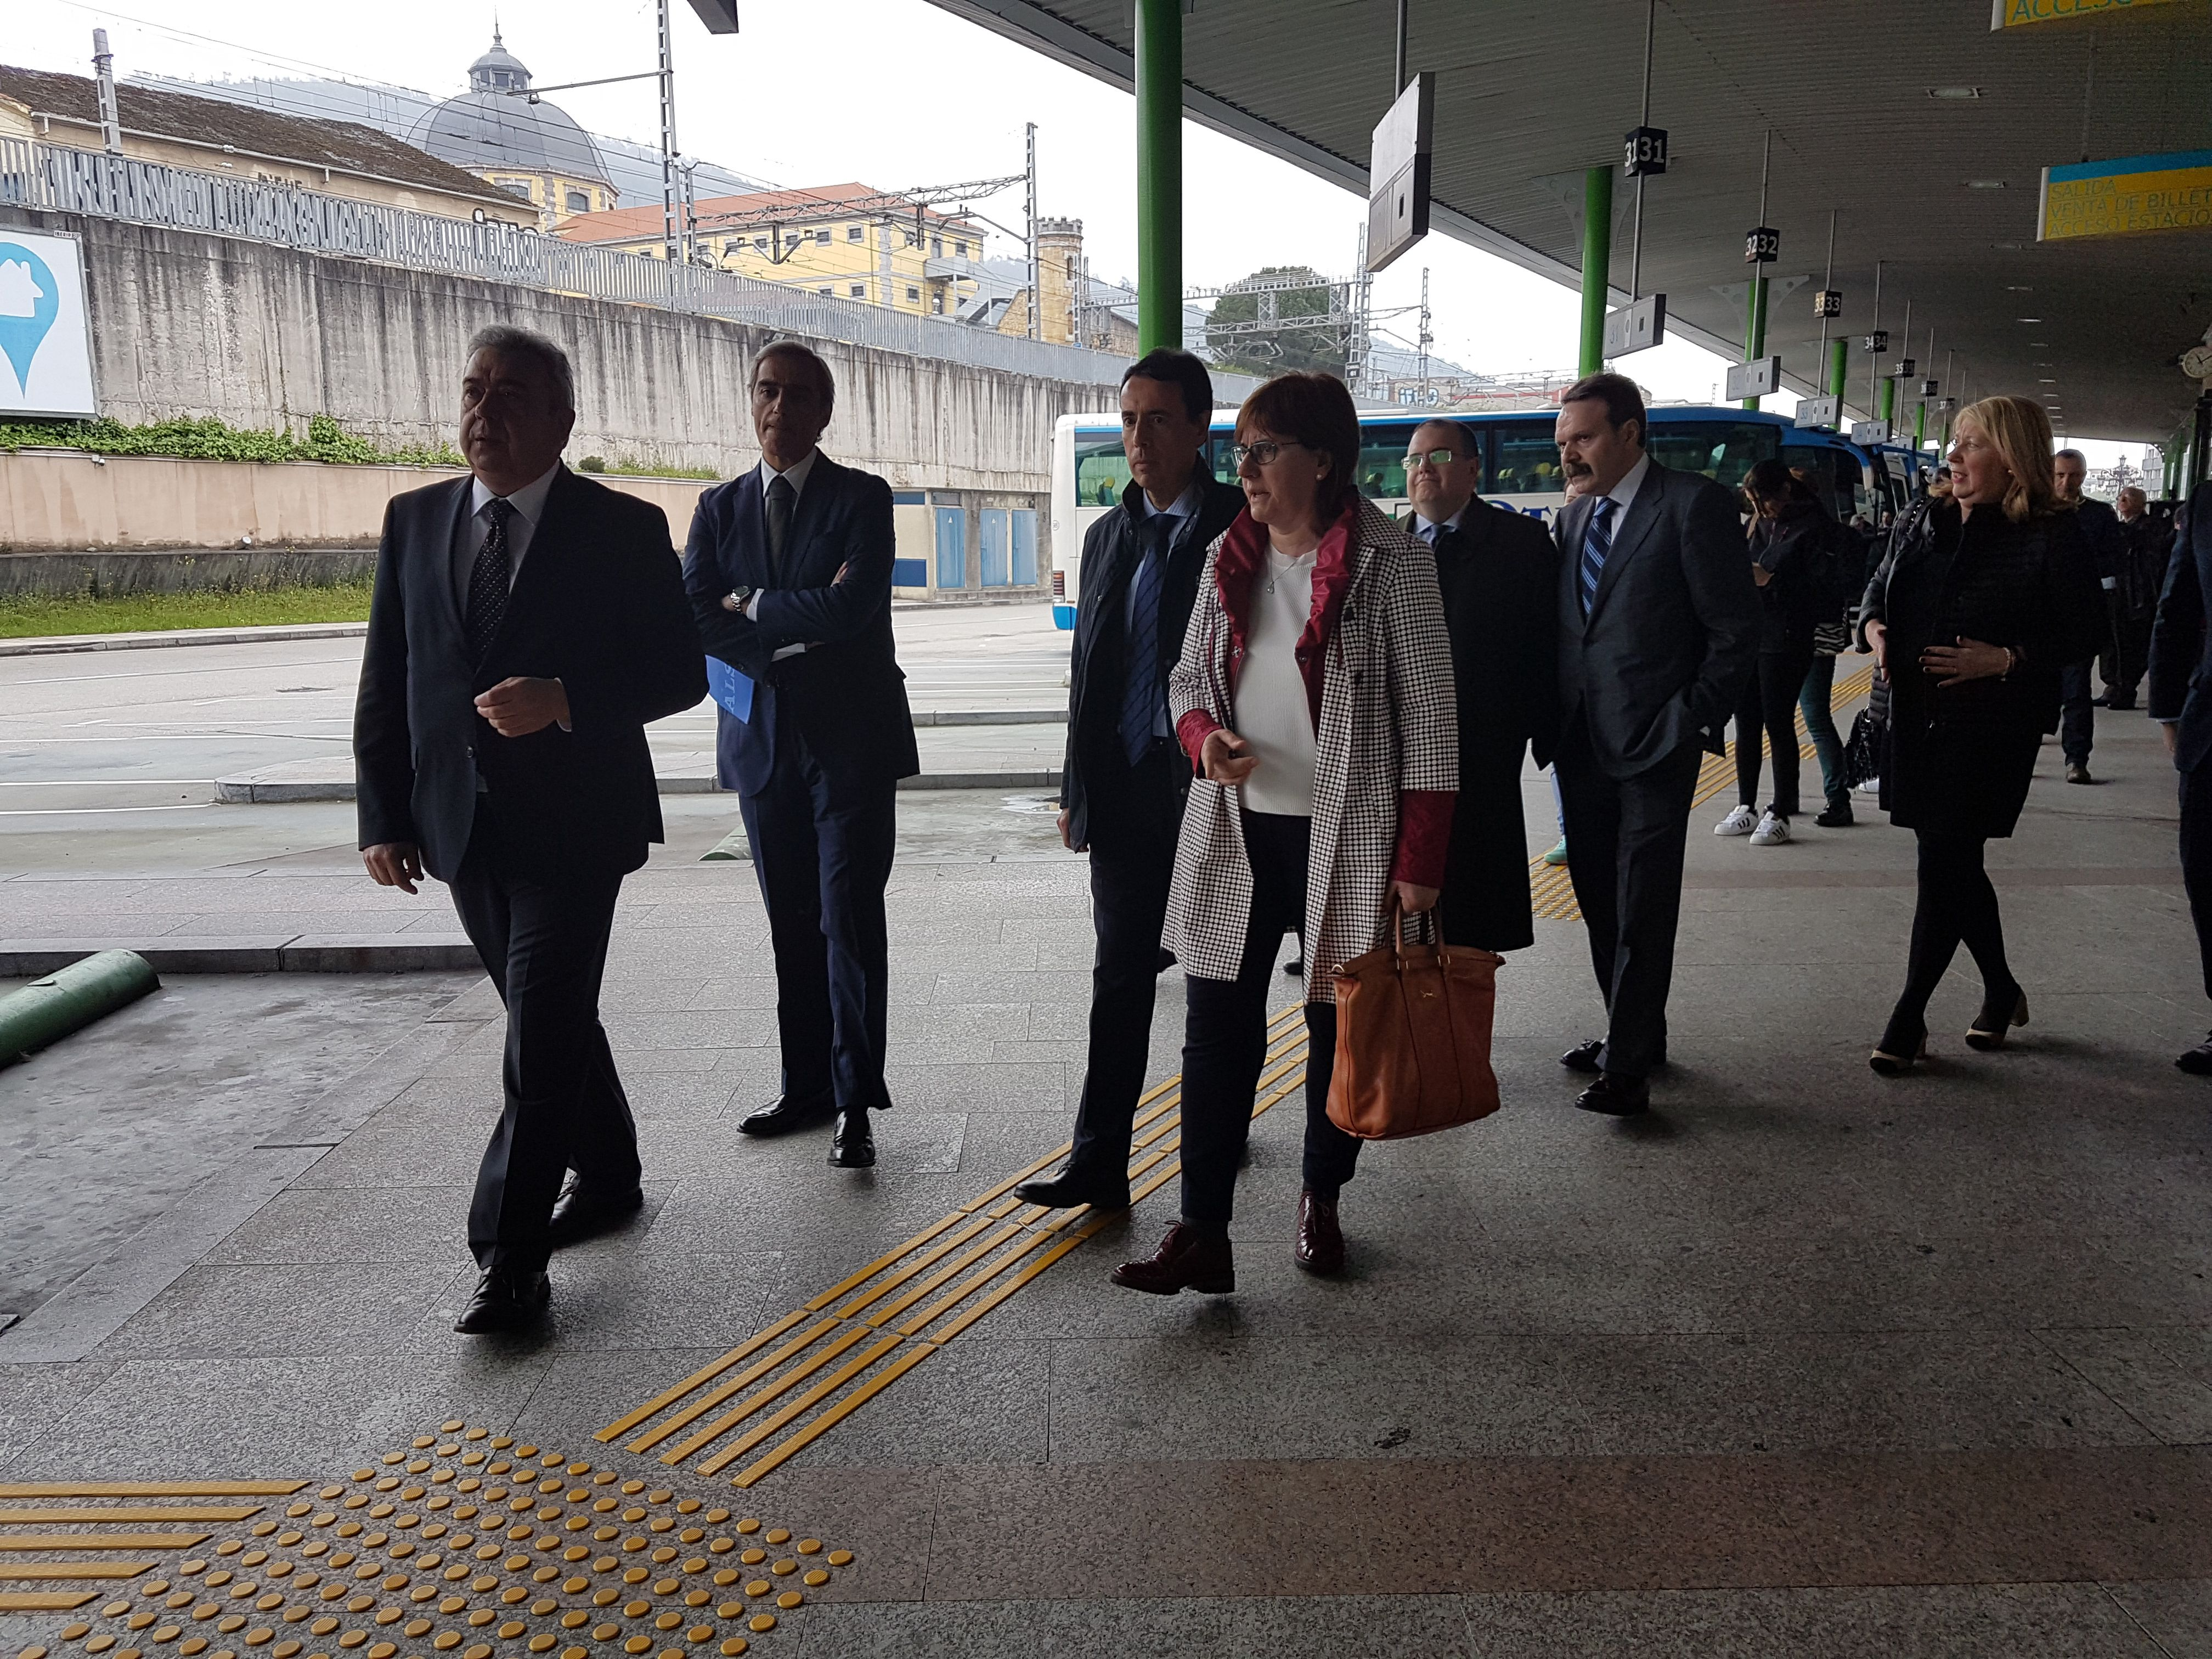 Presentación de las mejoras acometidas en la estación de autobuses de Oviedo.Presentación de las mejoras acometidas en la estación de autobuses de Oviedo